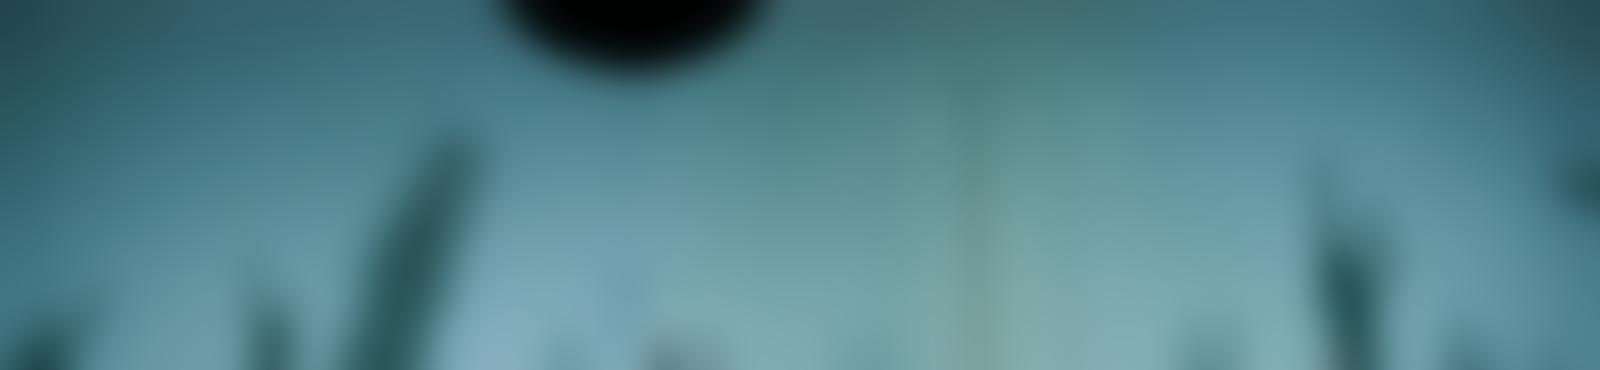 Blurred 148e0a6a d5ef 4dad b0b8 ba262a619103